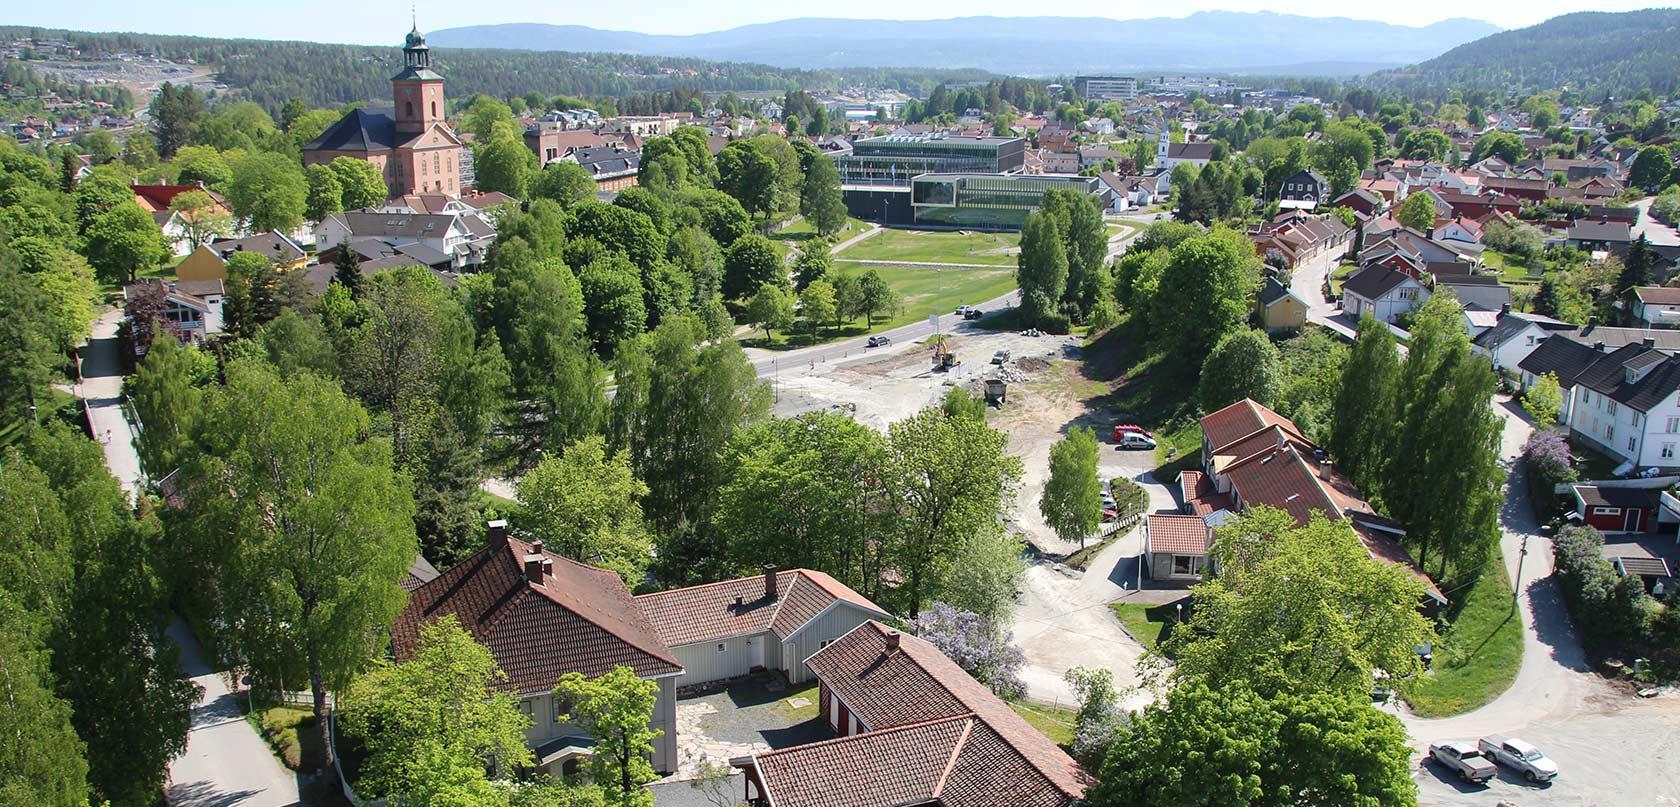 Her ser vi kirken, Krona og utsikten mot Kongsberg Teknologipark.